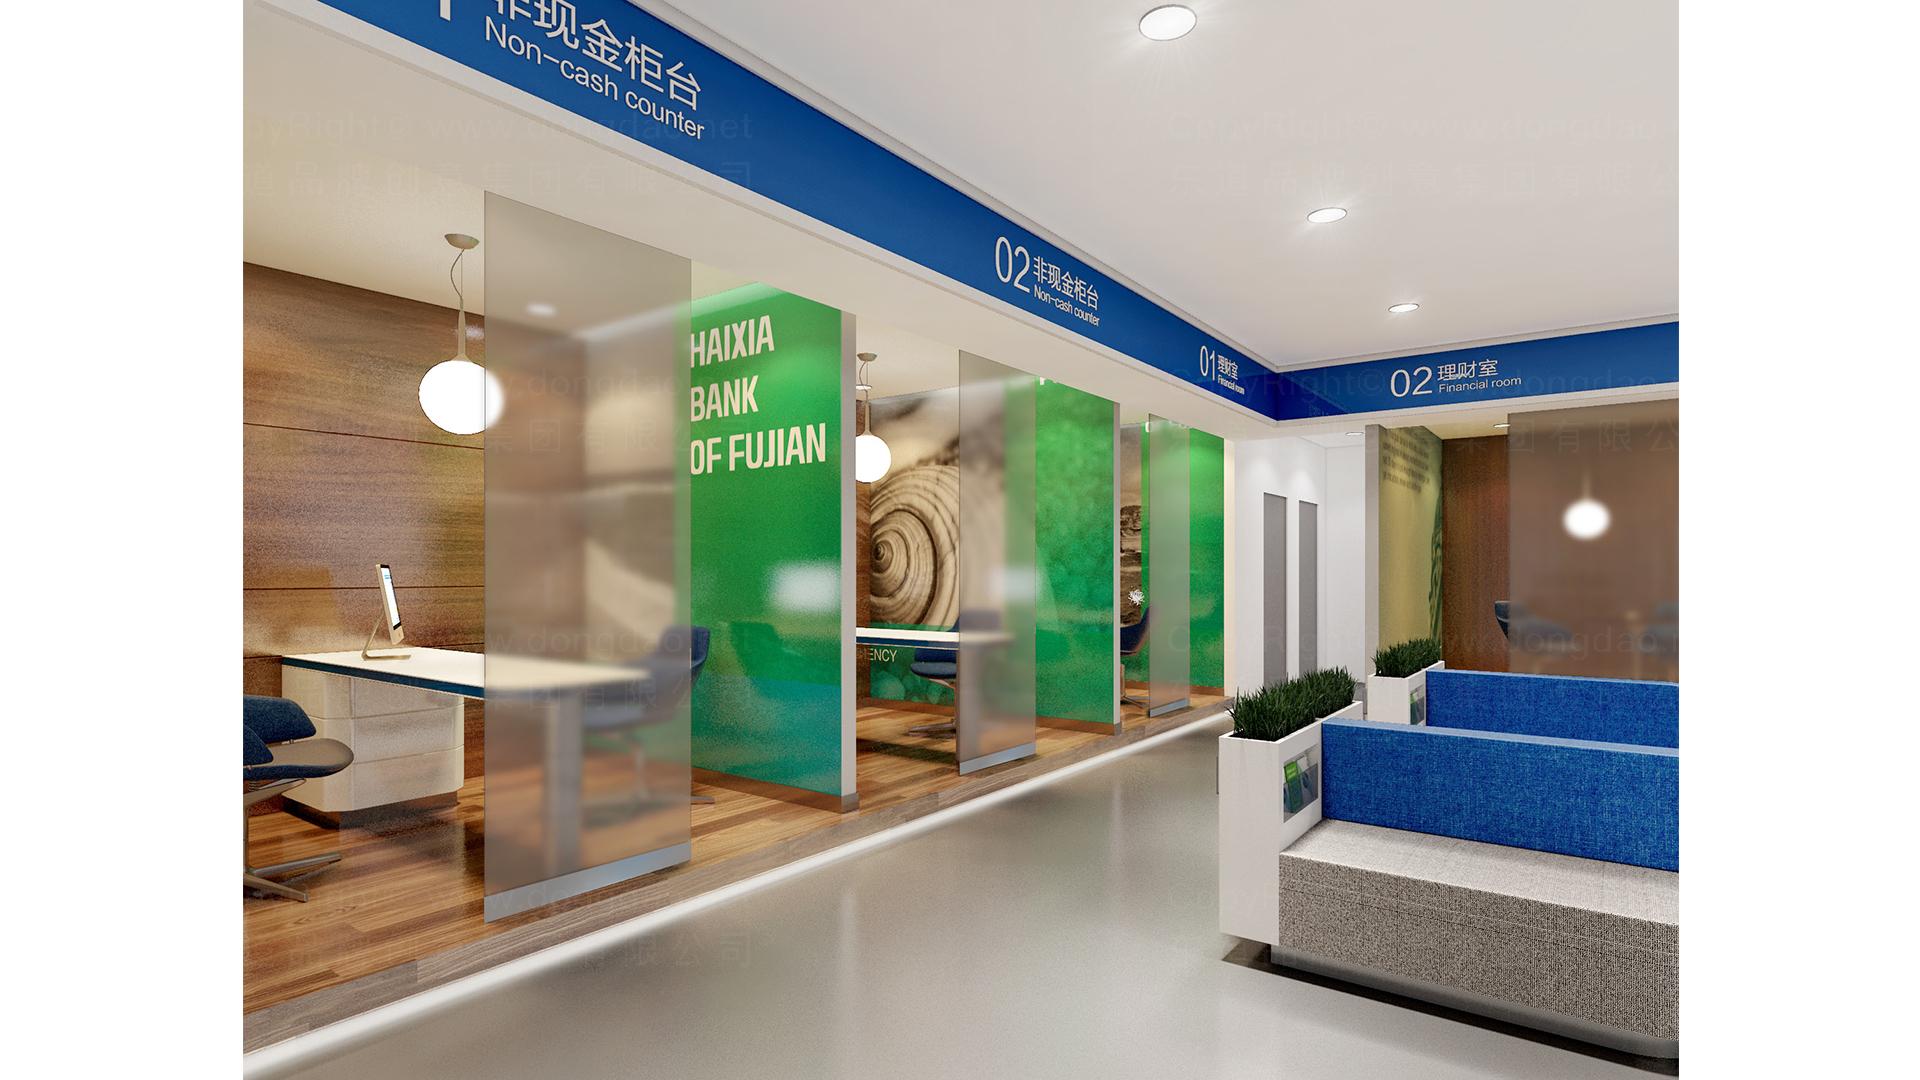 海峡银行银行网点SI设计应用场景